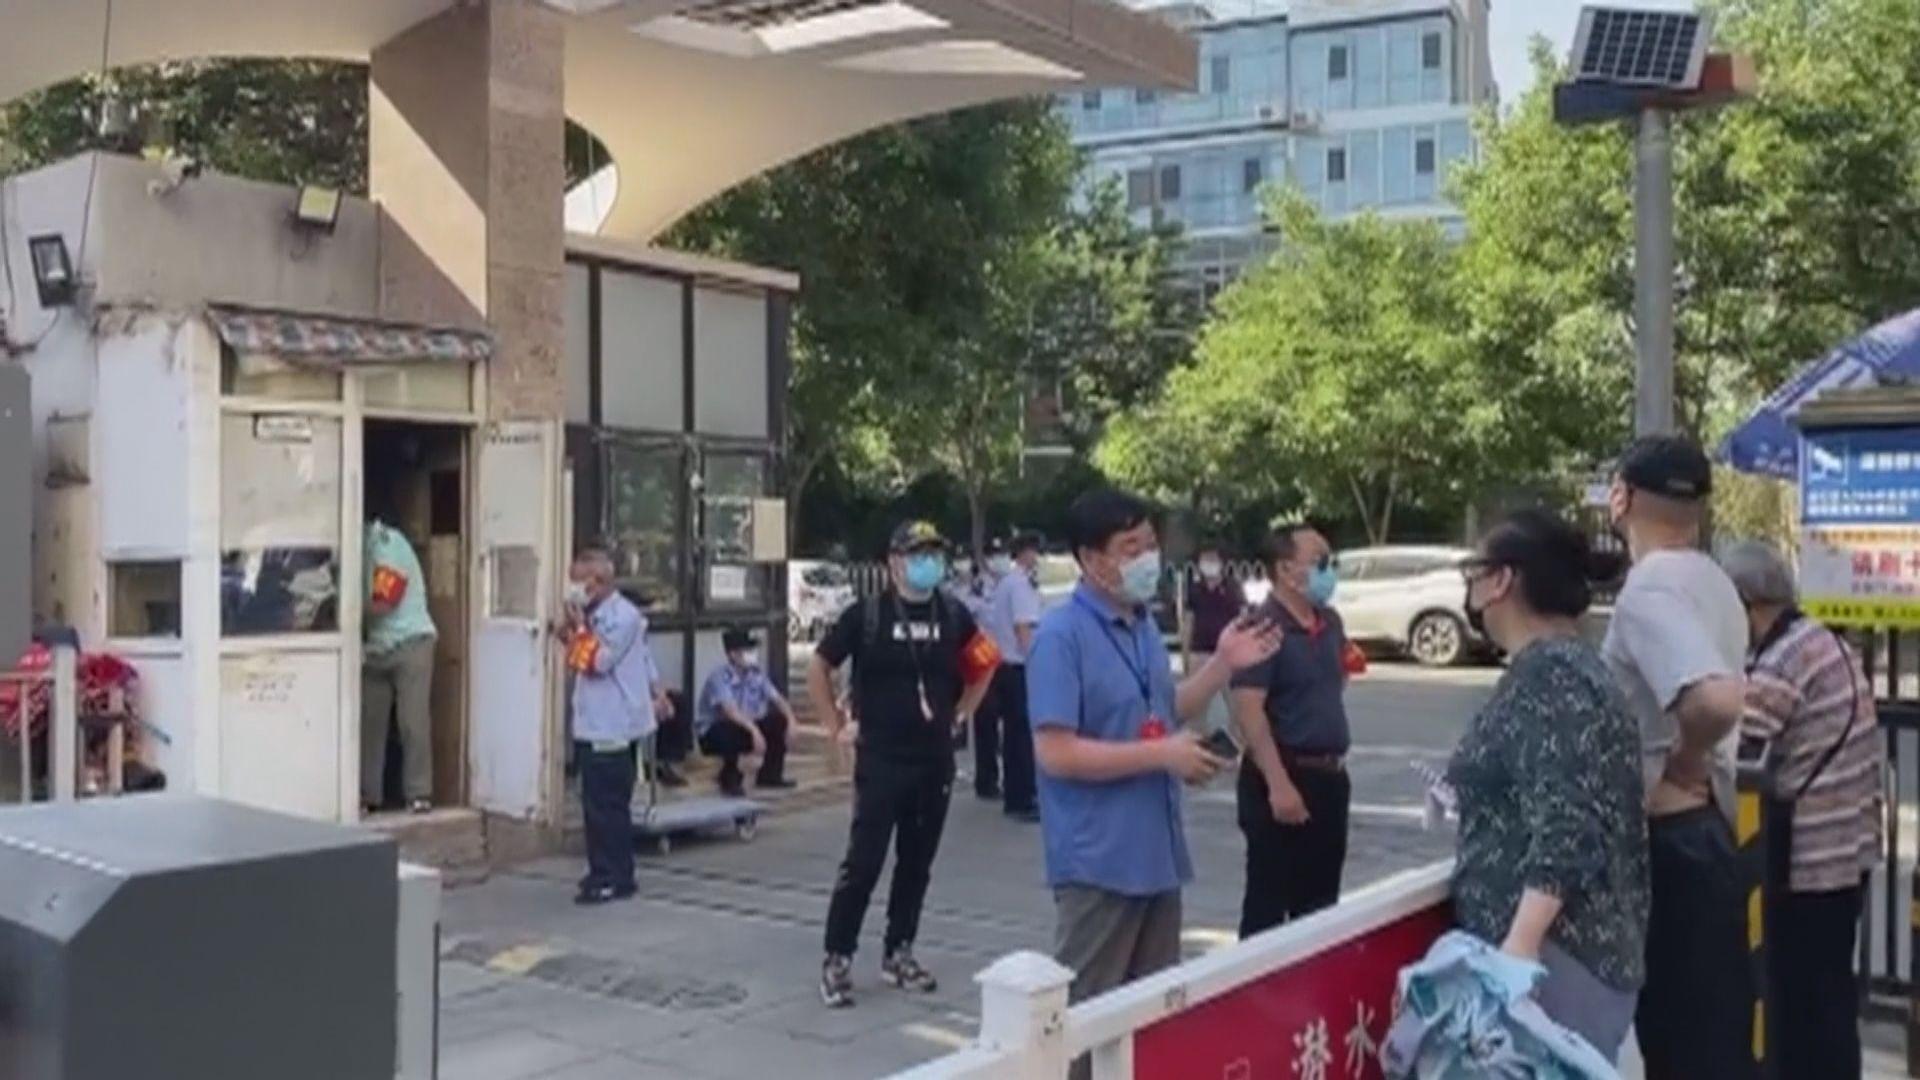 北京再增31宗本地感染個案 全市社區進行封閉管理